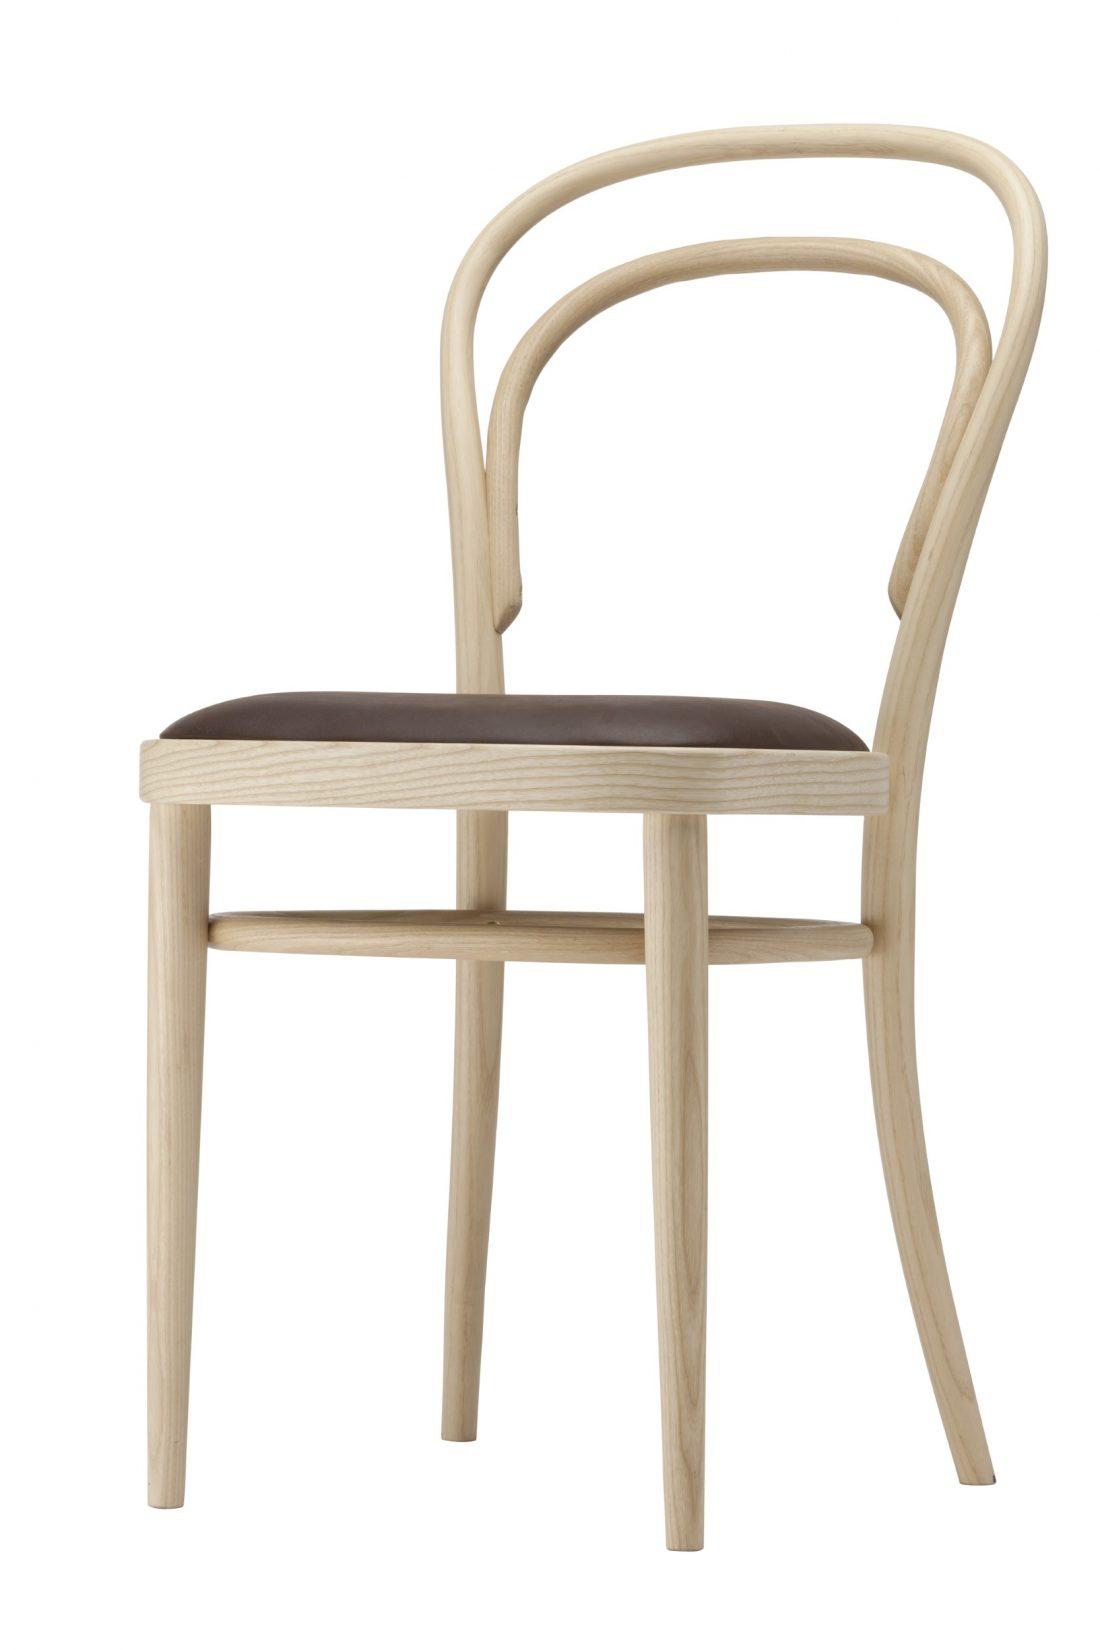 thonet stuhl good stuhl bild oder grad grafik anklicken with thonet stuhl interesting unter. Black Bedroom Furniture Sets. Home Design Ideas